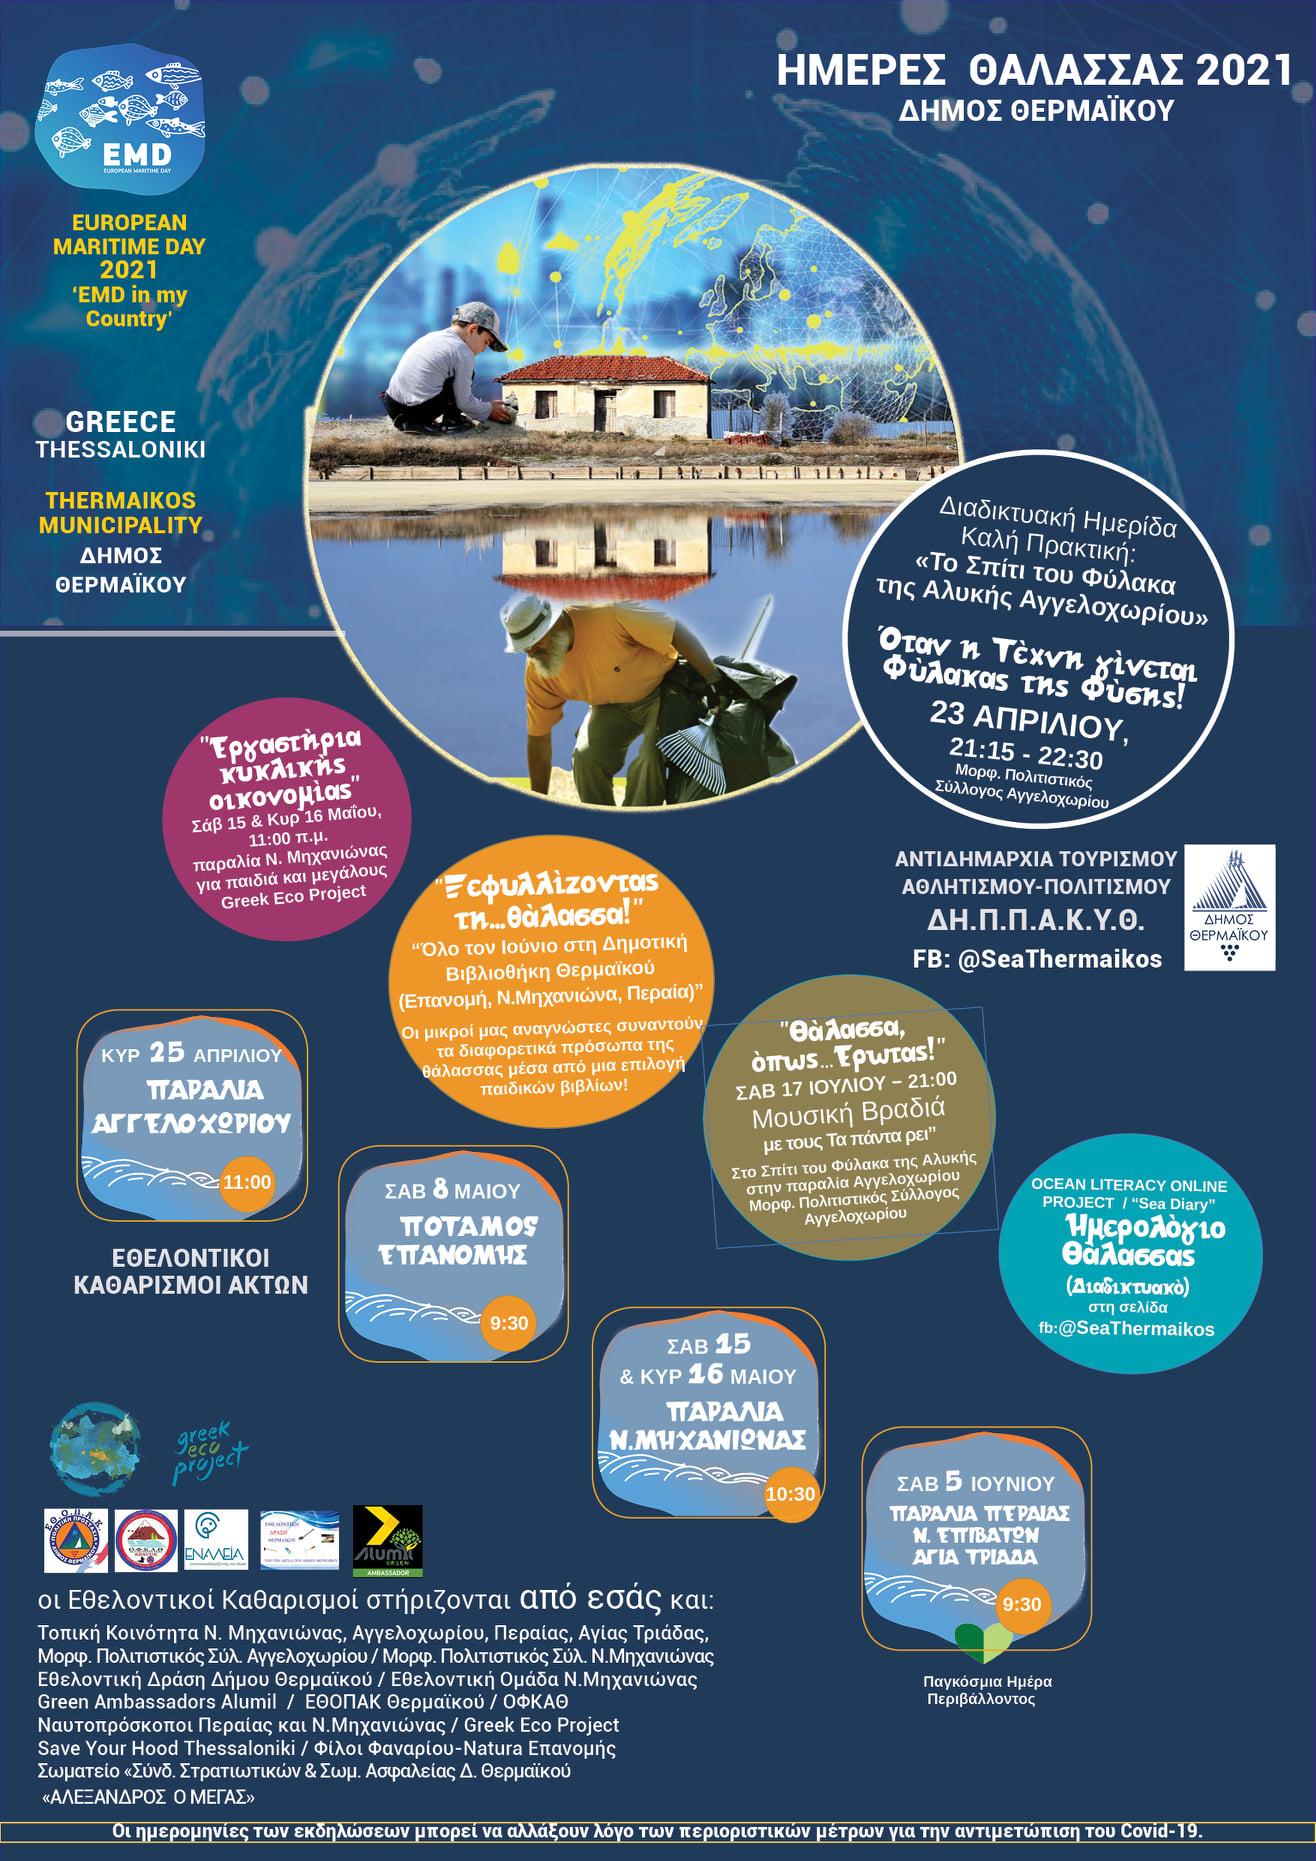 Ημέρες Θάλασσας-Πρόγραμμα εκδηλώσεων